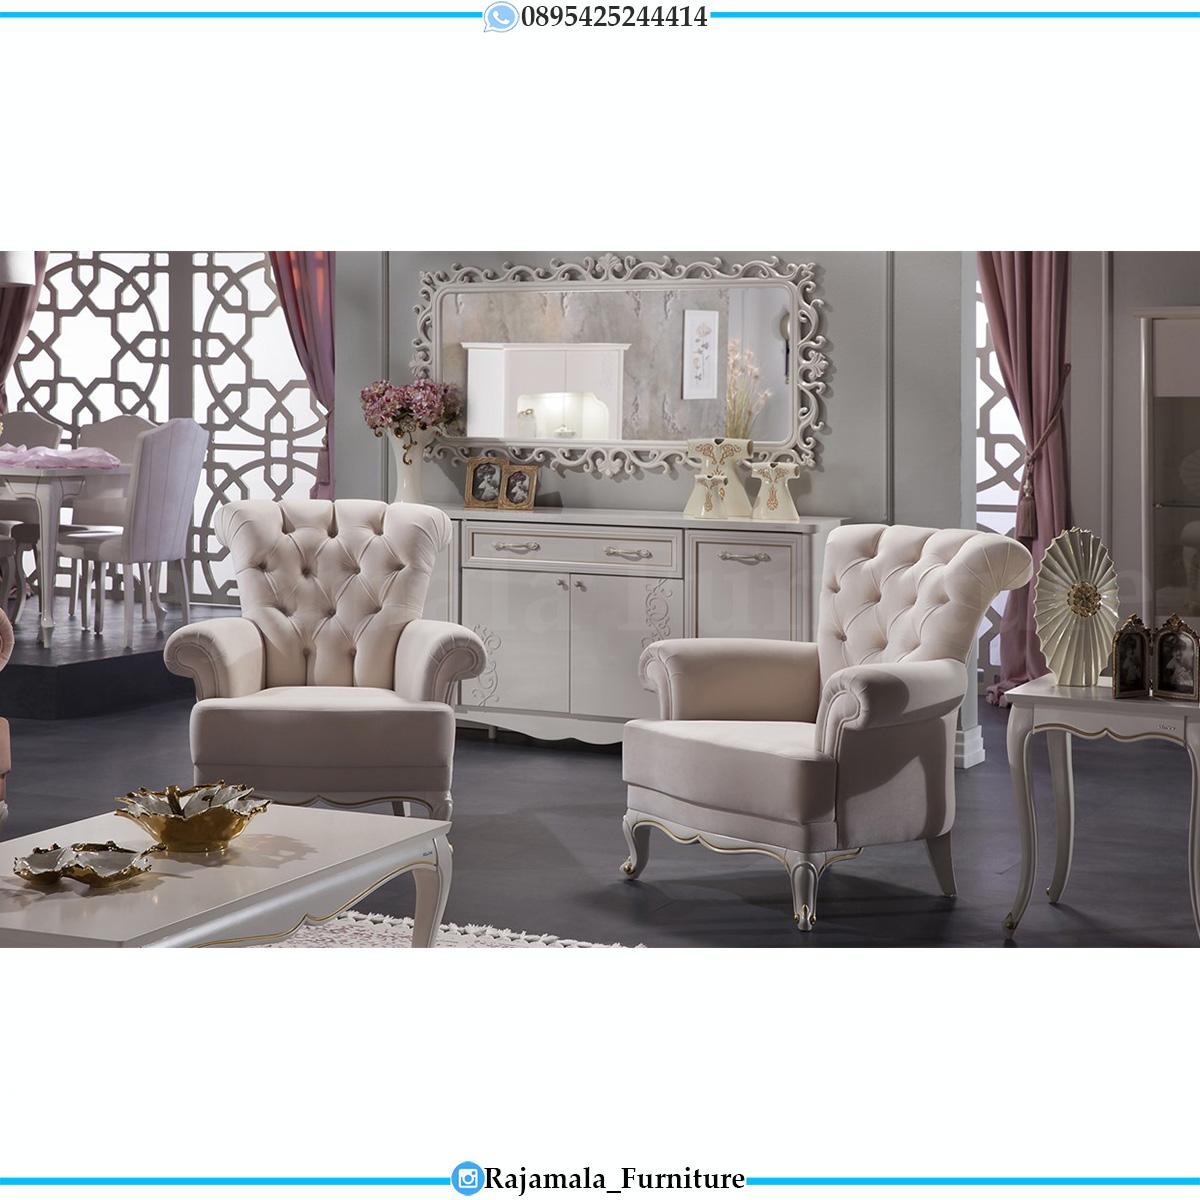 Sofa Tamu Minimalis Terbaru Shabby Chic Elegant White Duco Color RM-0624